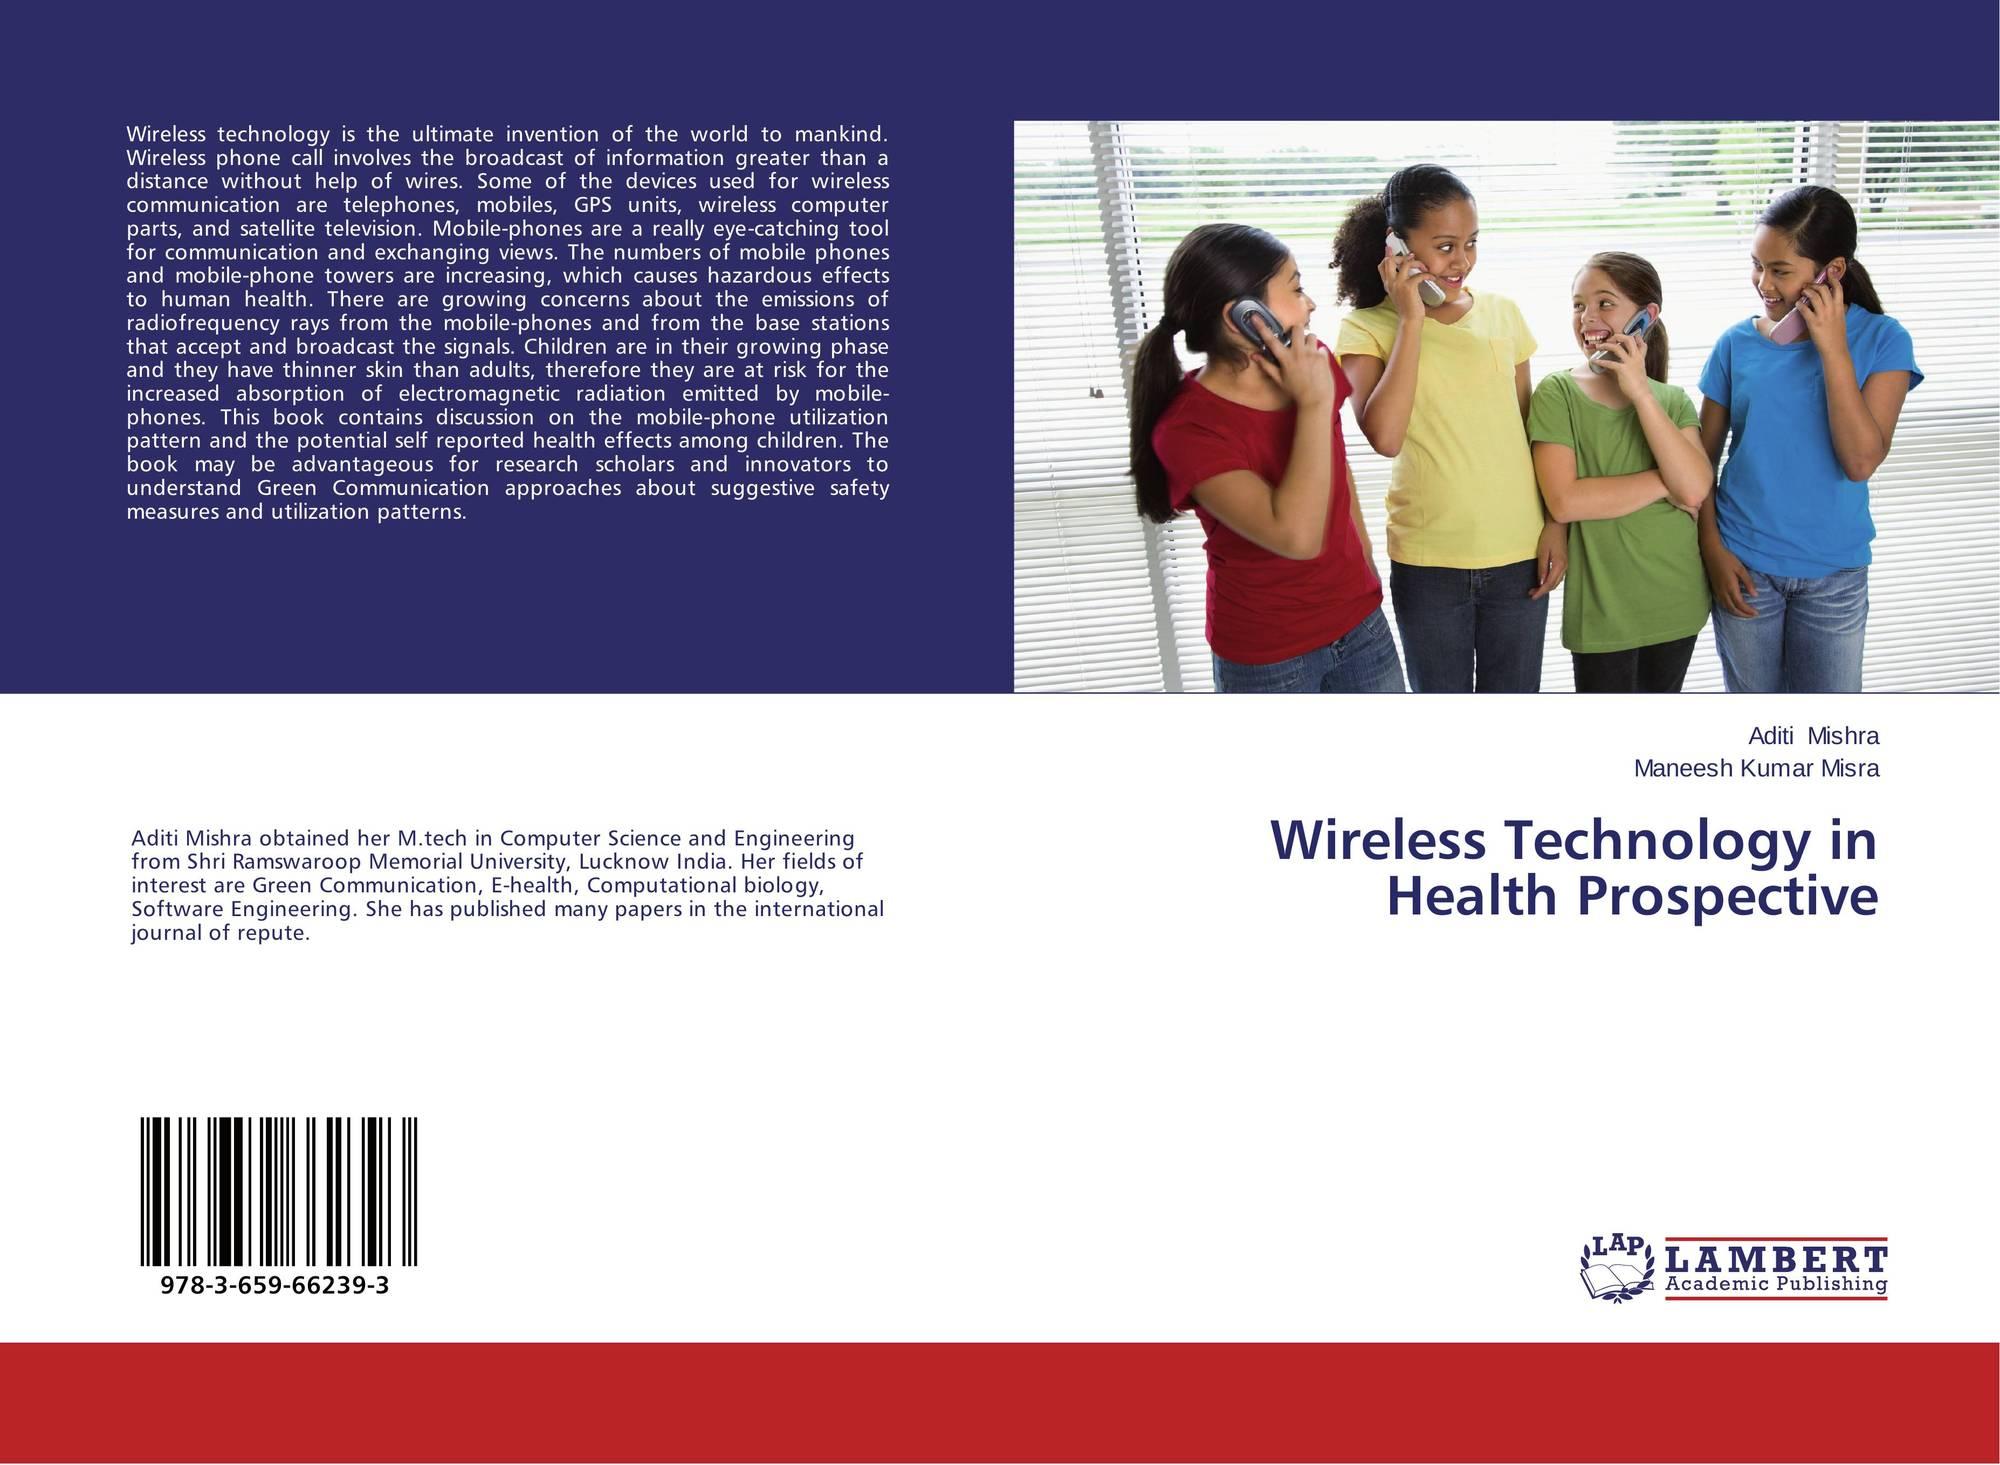 understand potential hazards in health